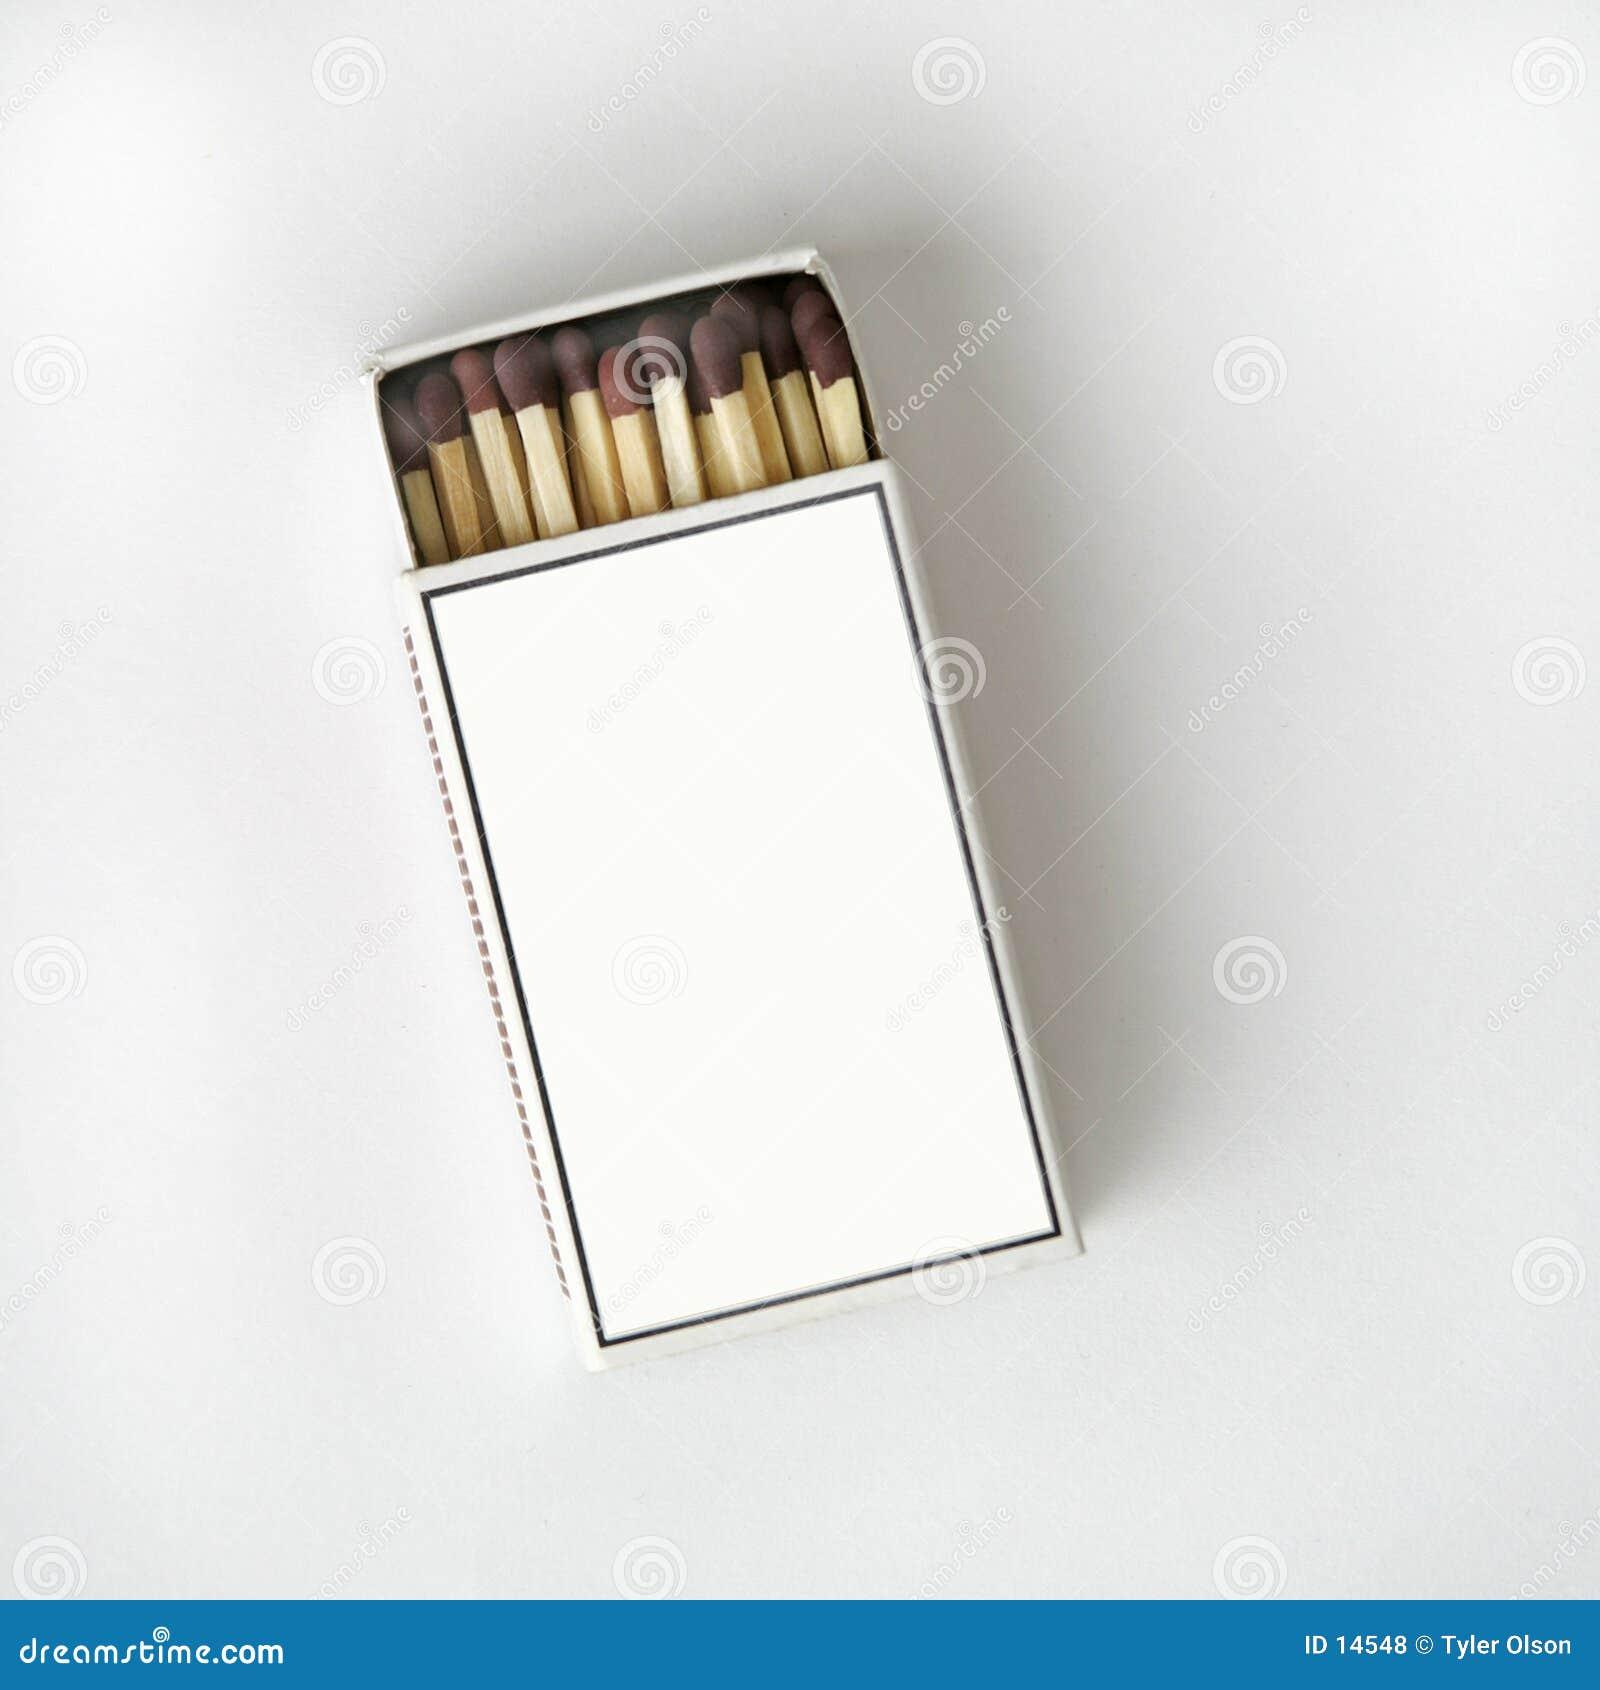 Match Box on White